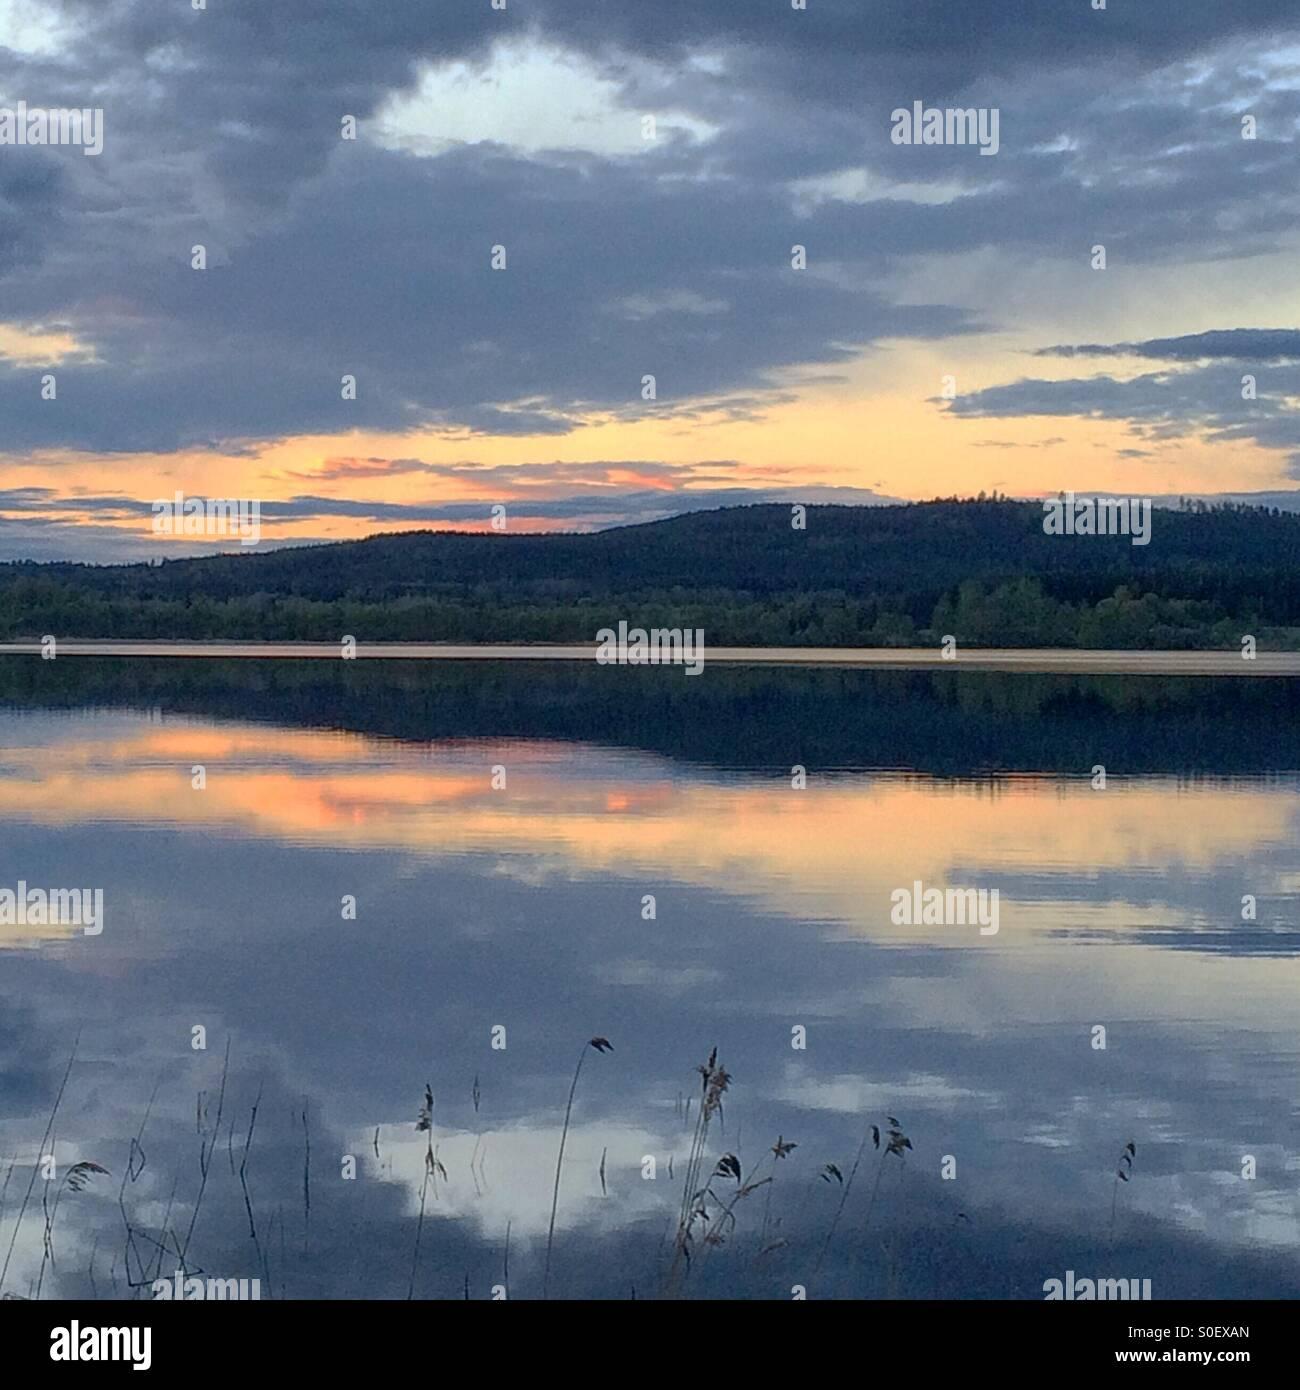 The lake Lilla Aspan in Dalarna, Sweden. - Stock Image